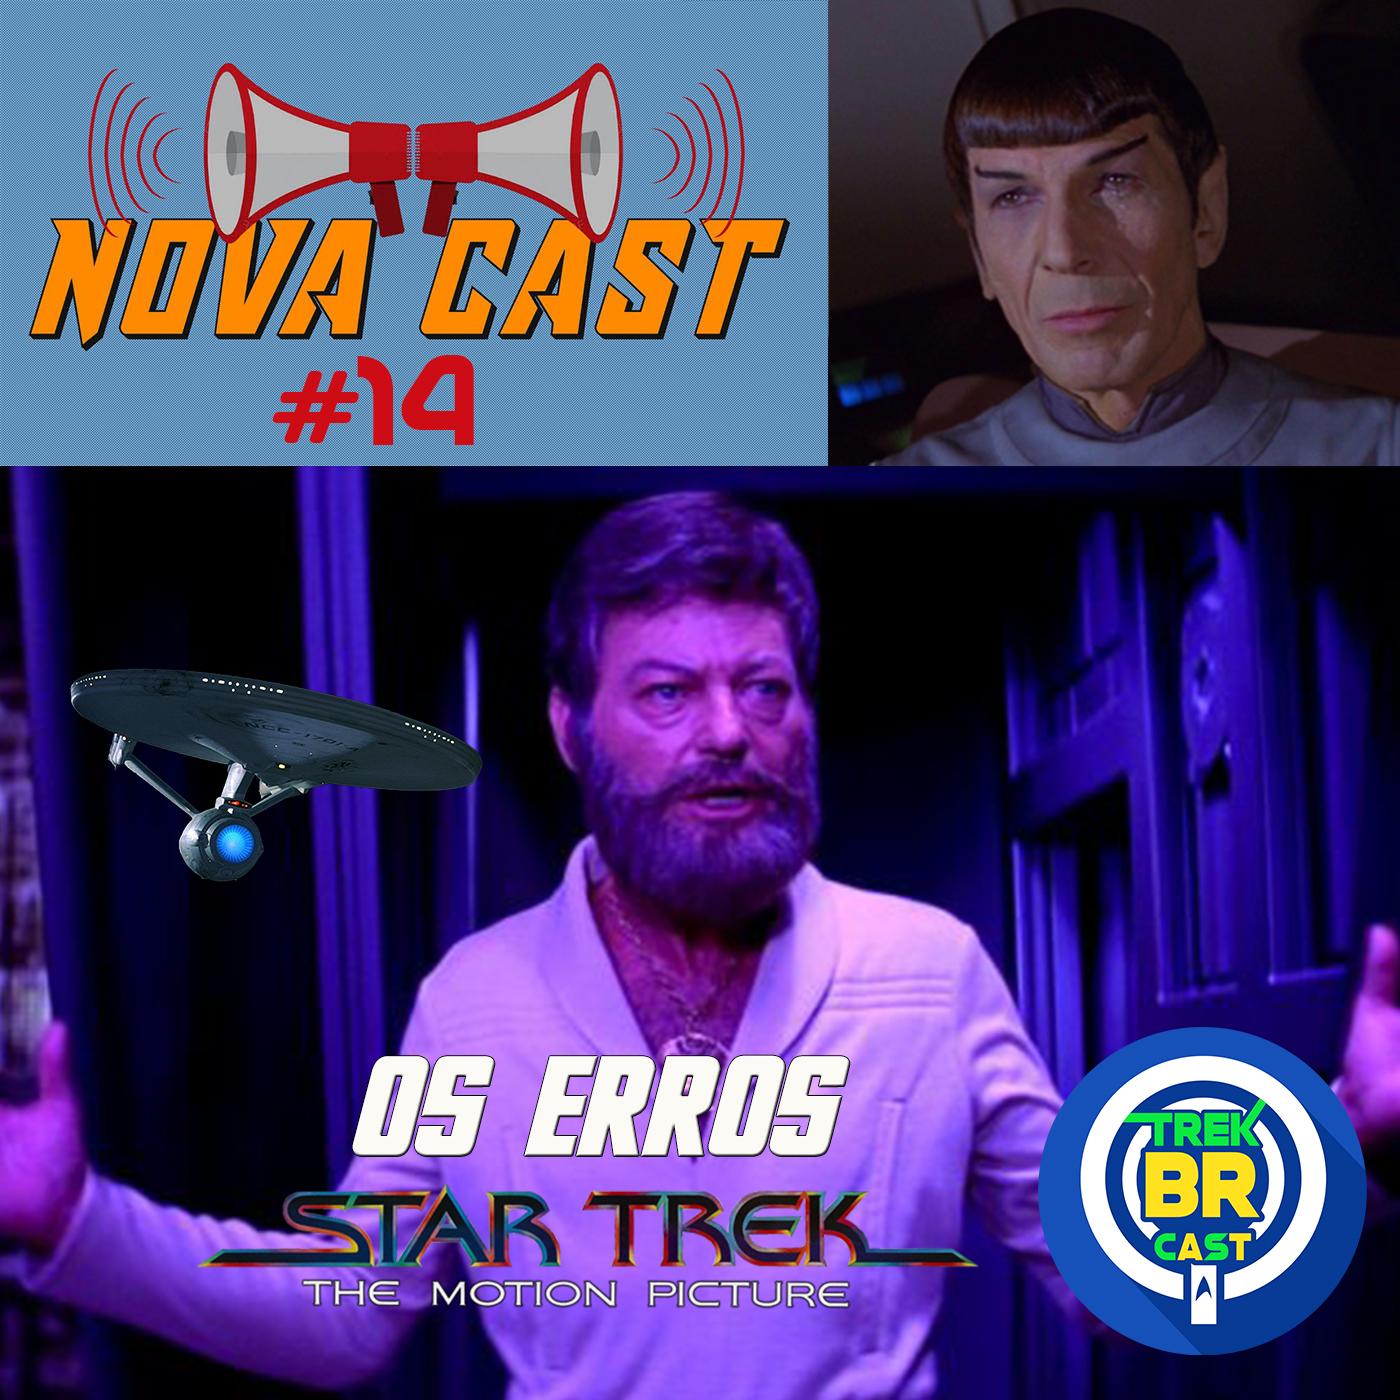 Os Erros de Star Trek: 1979 - NovaCast 14